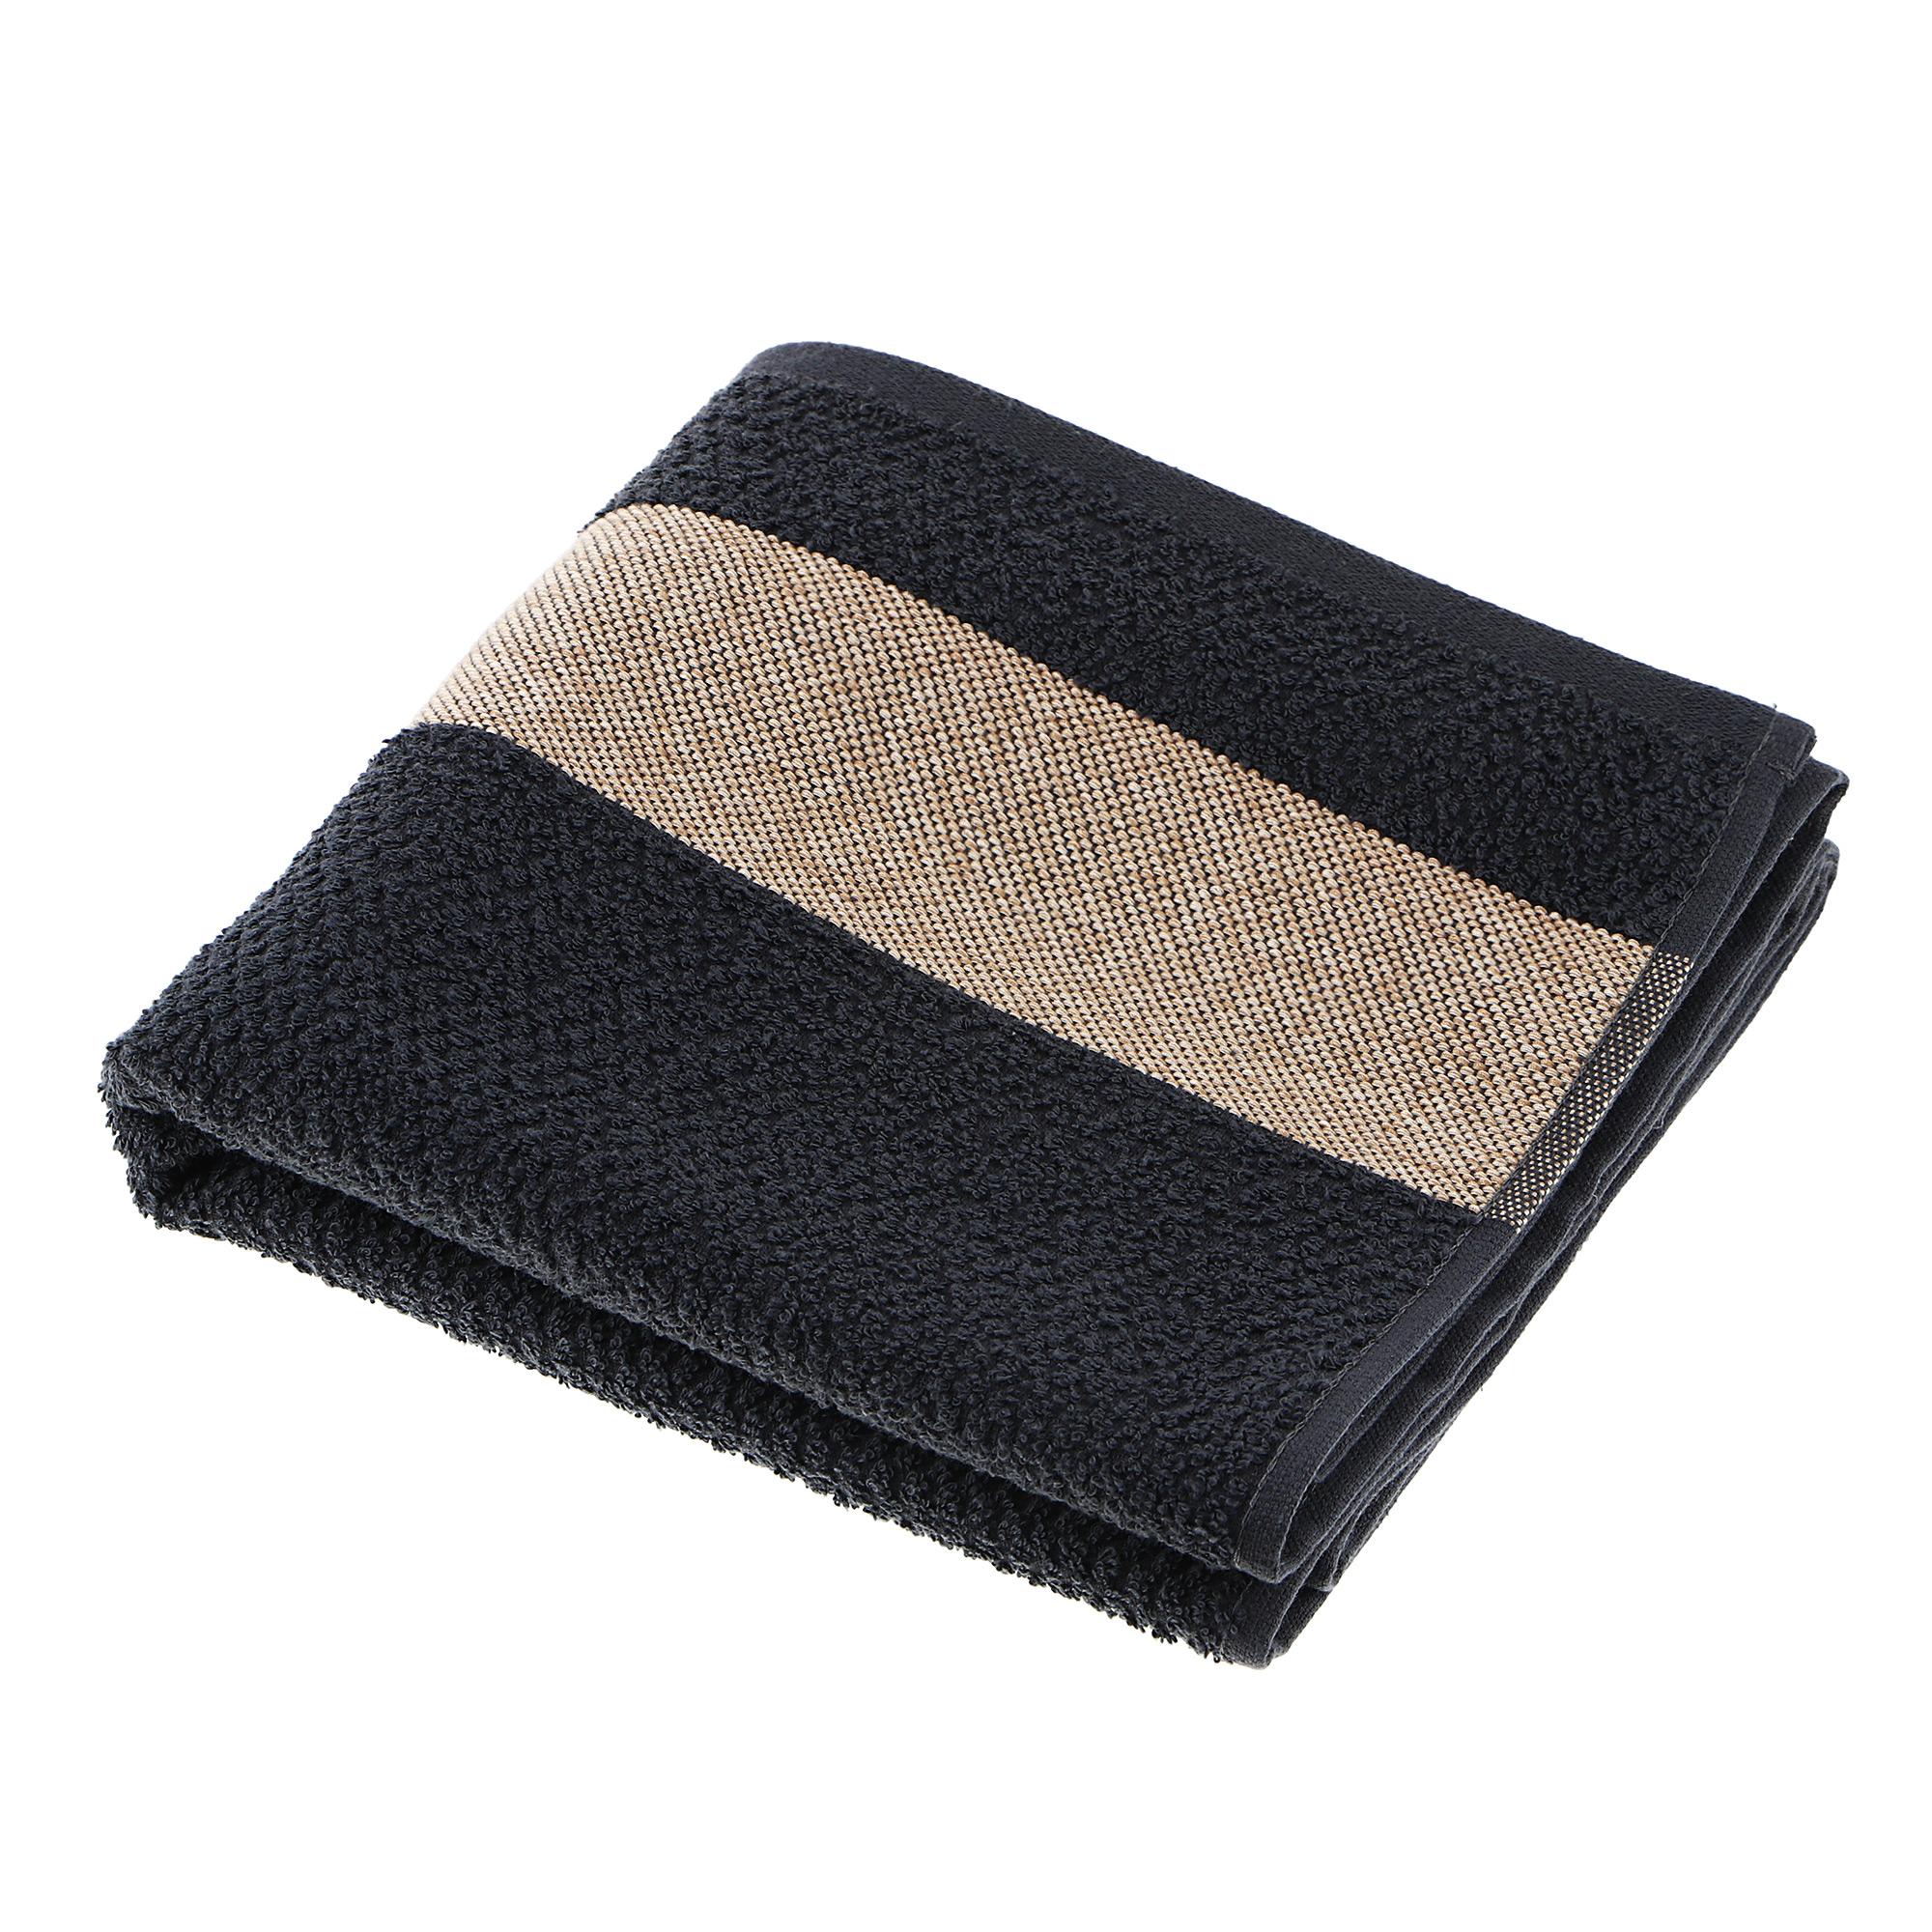 Полотенце махровое Asil woody 50x100 black полотенце двухстороннее 50x100 asil powder